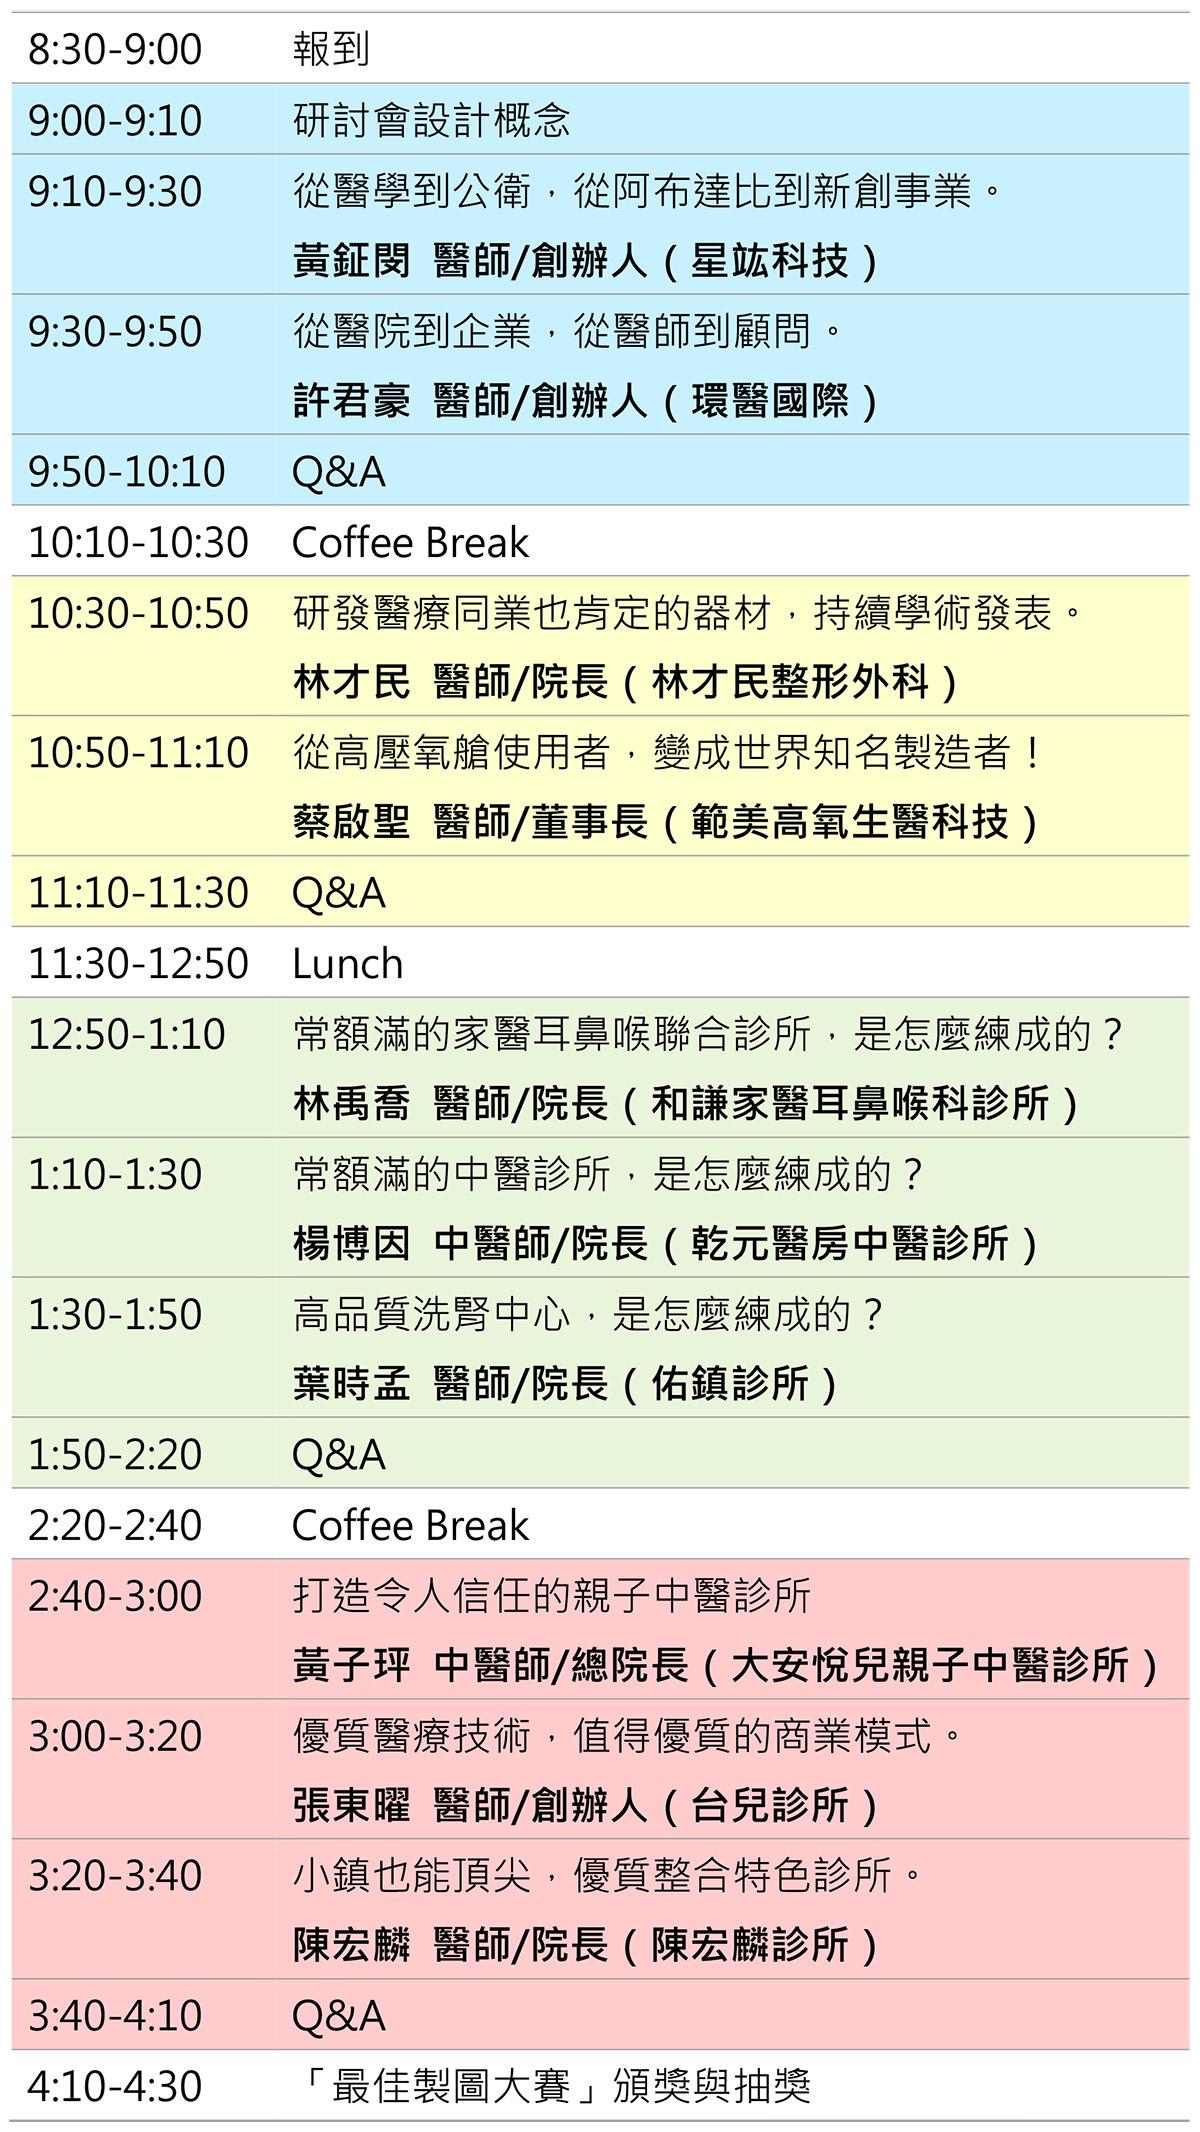 02_schedule